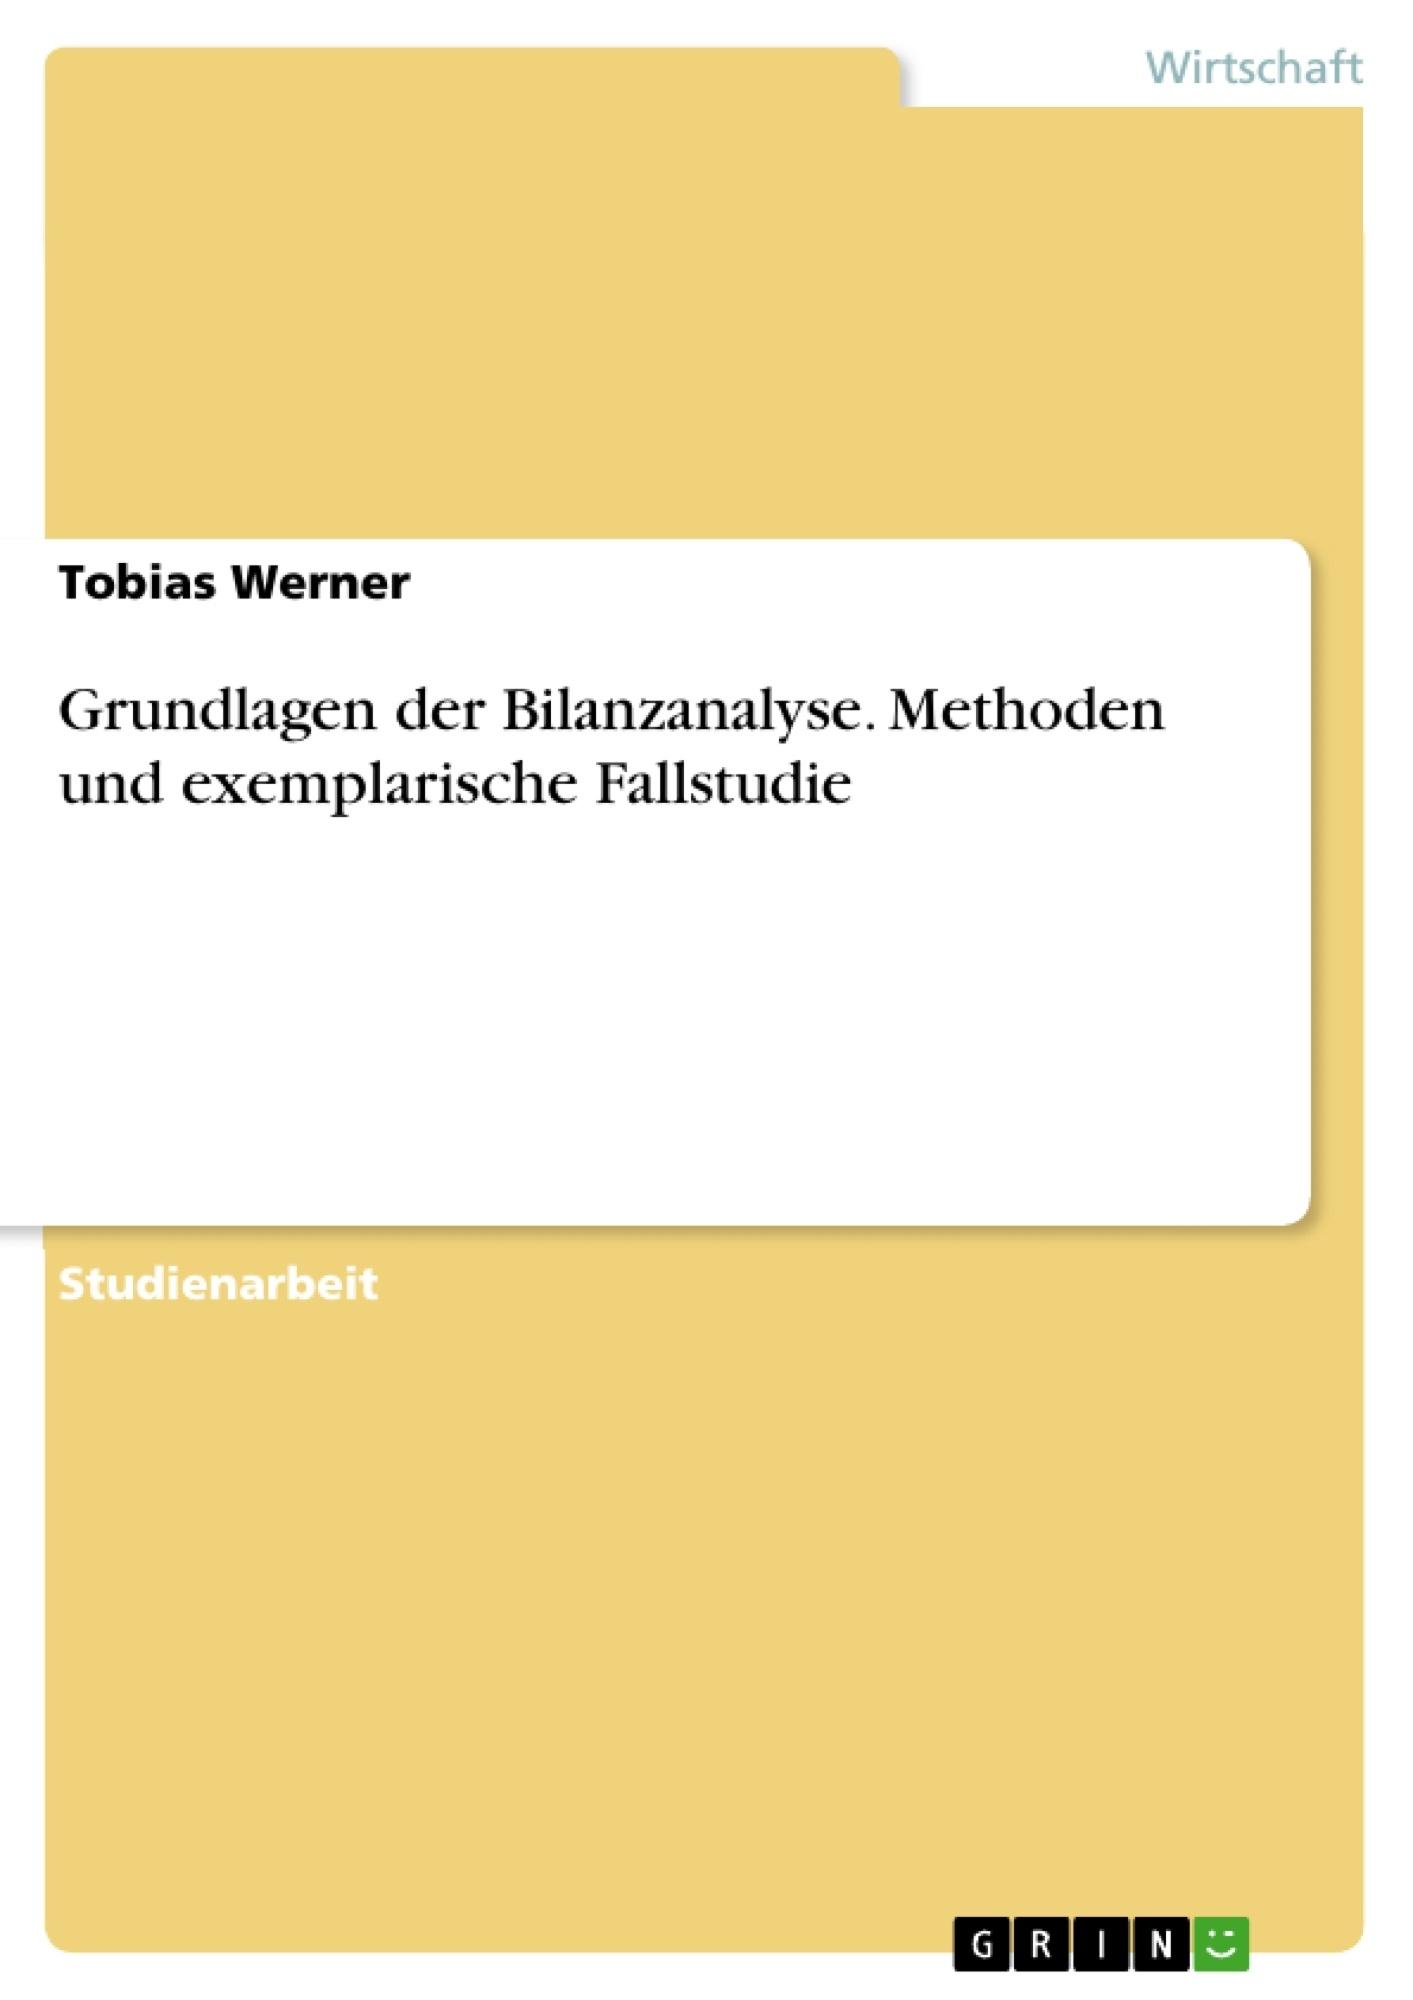 Titel: Grundlagen der Bilanzanalyse. Methoden und exemplarische Fallstudie